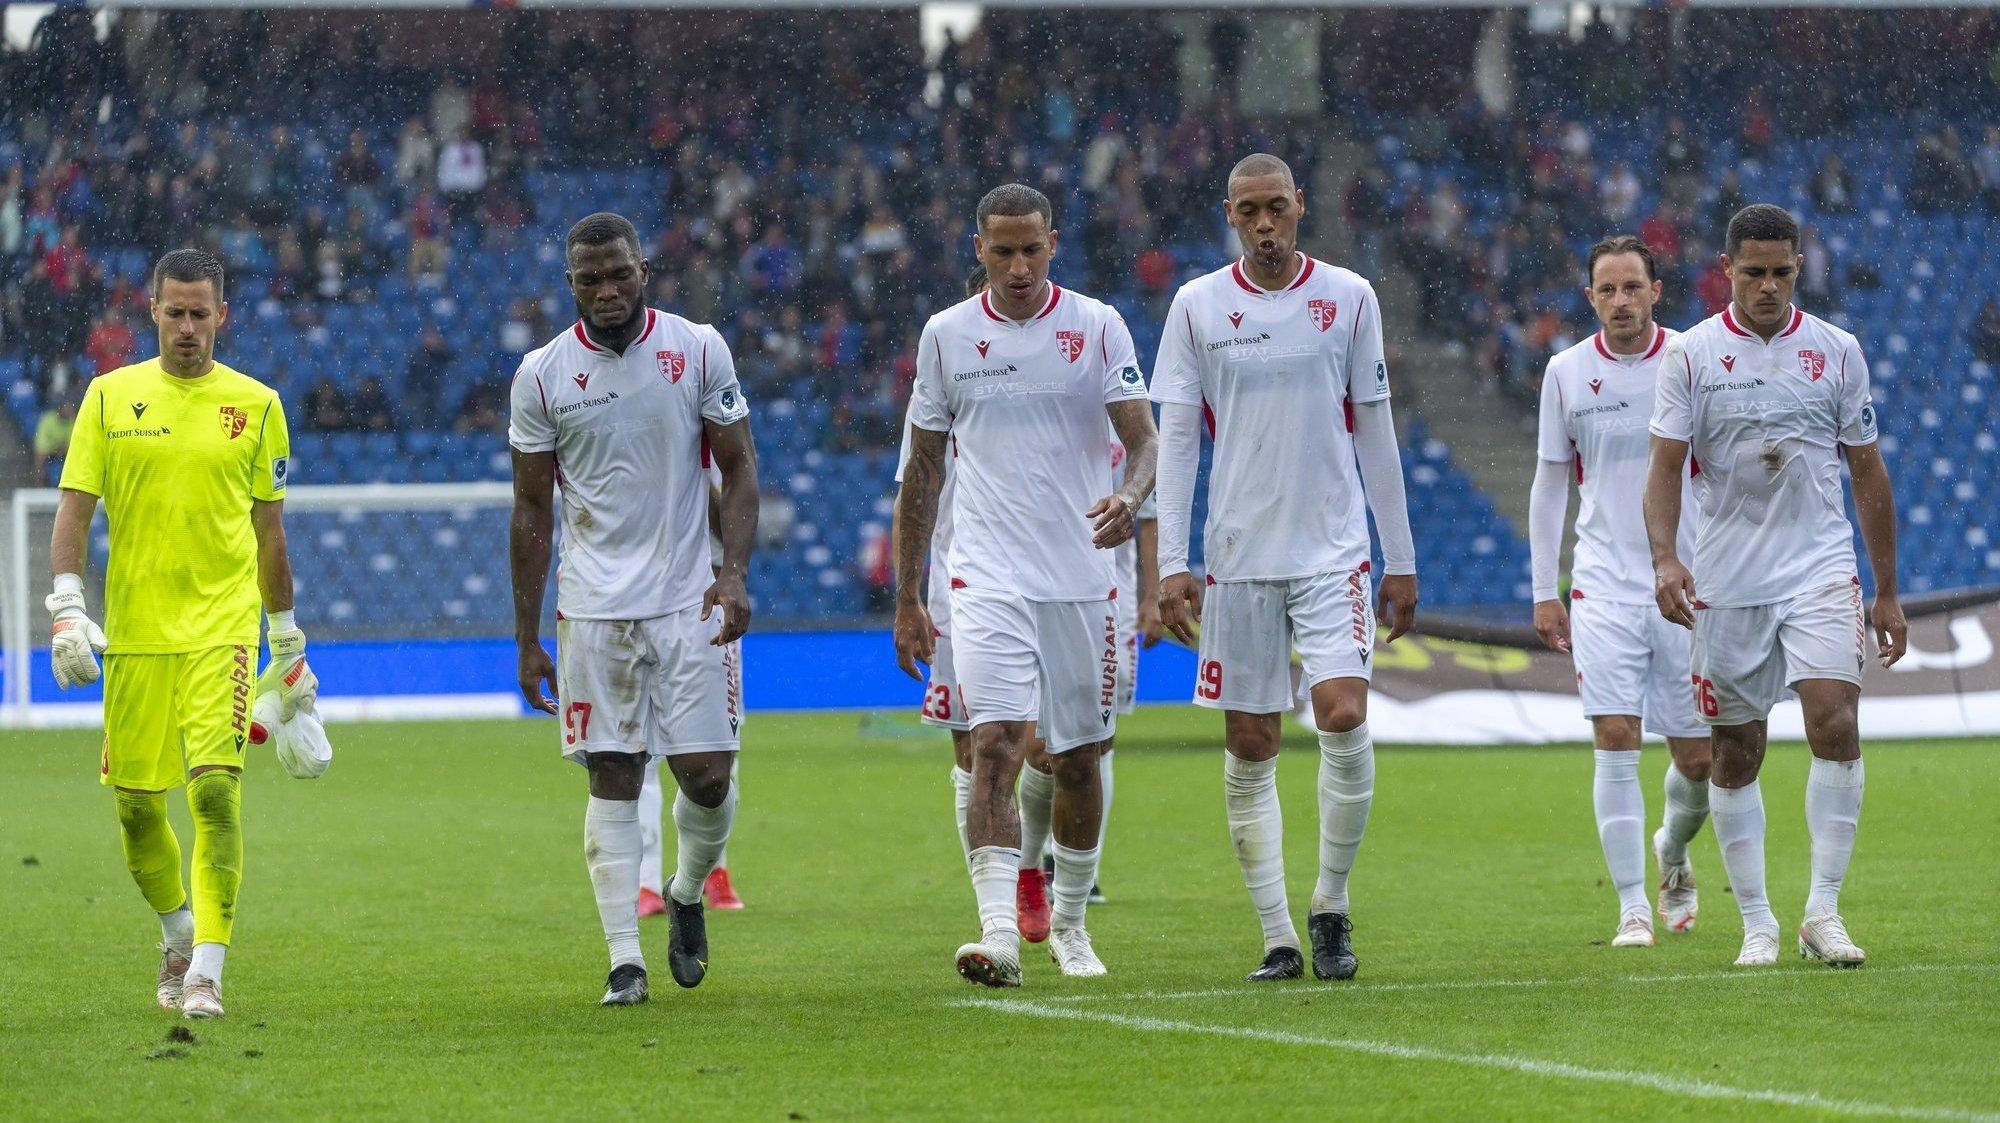 Football: accumulant les erreurs sur le terrain et en dehors, le FC Sion subit une déroute à Bâle